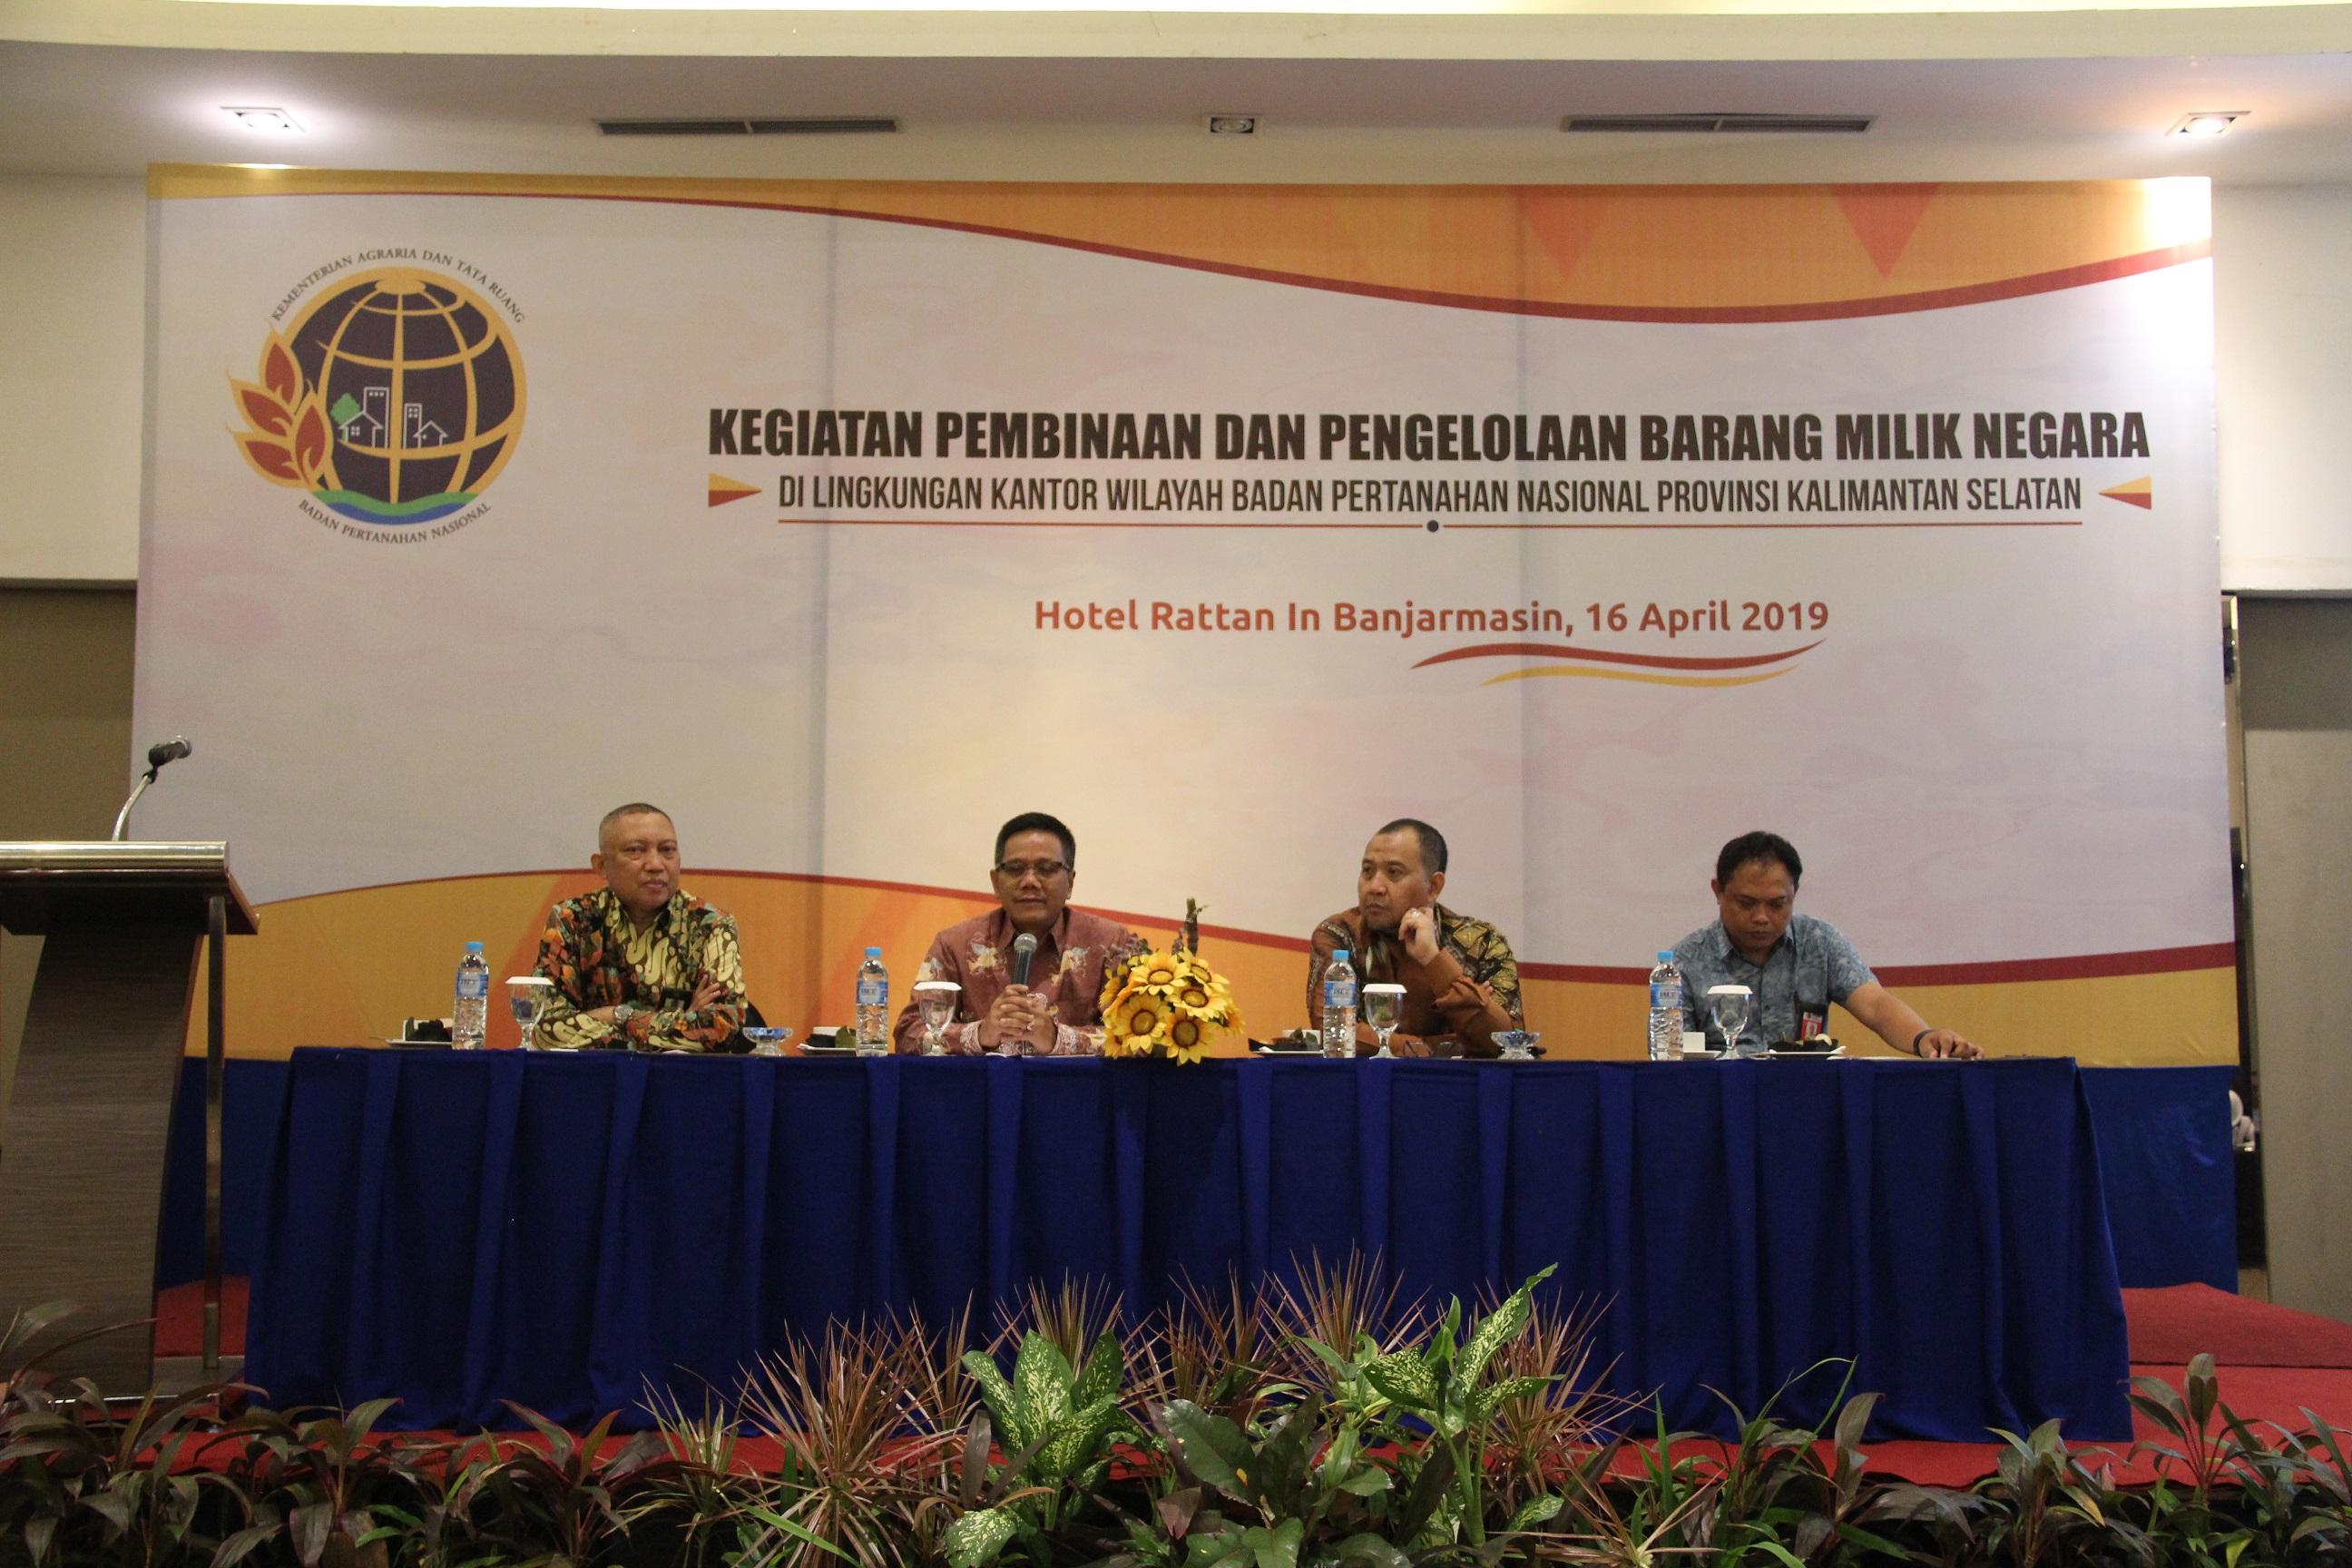 Sertifikasi Barang Milik Negara berupa Tanah di Wilayah Provinsi Kalimantan Selatan